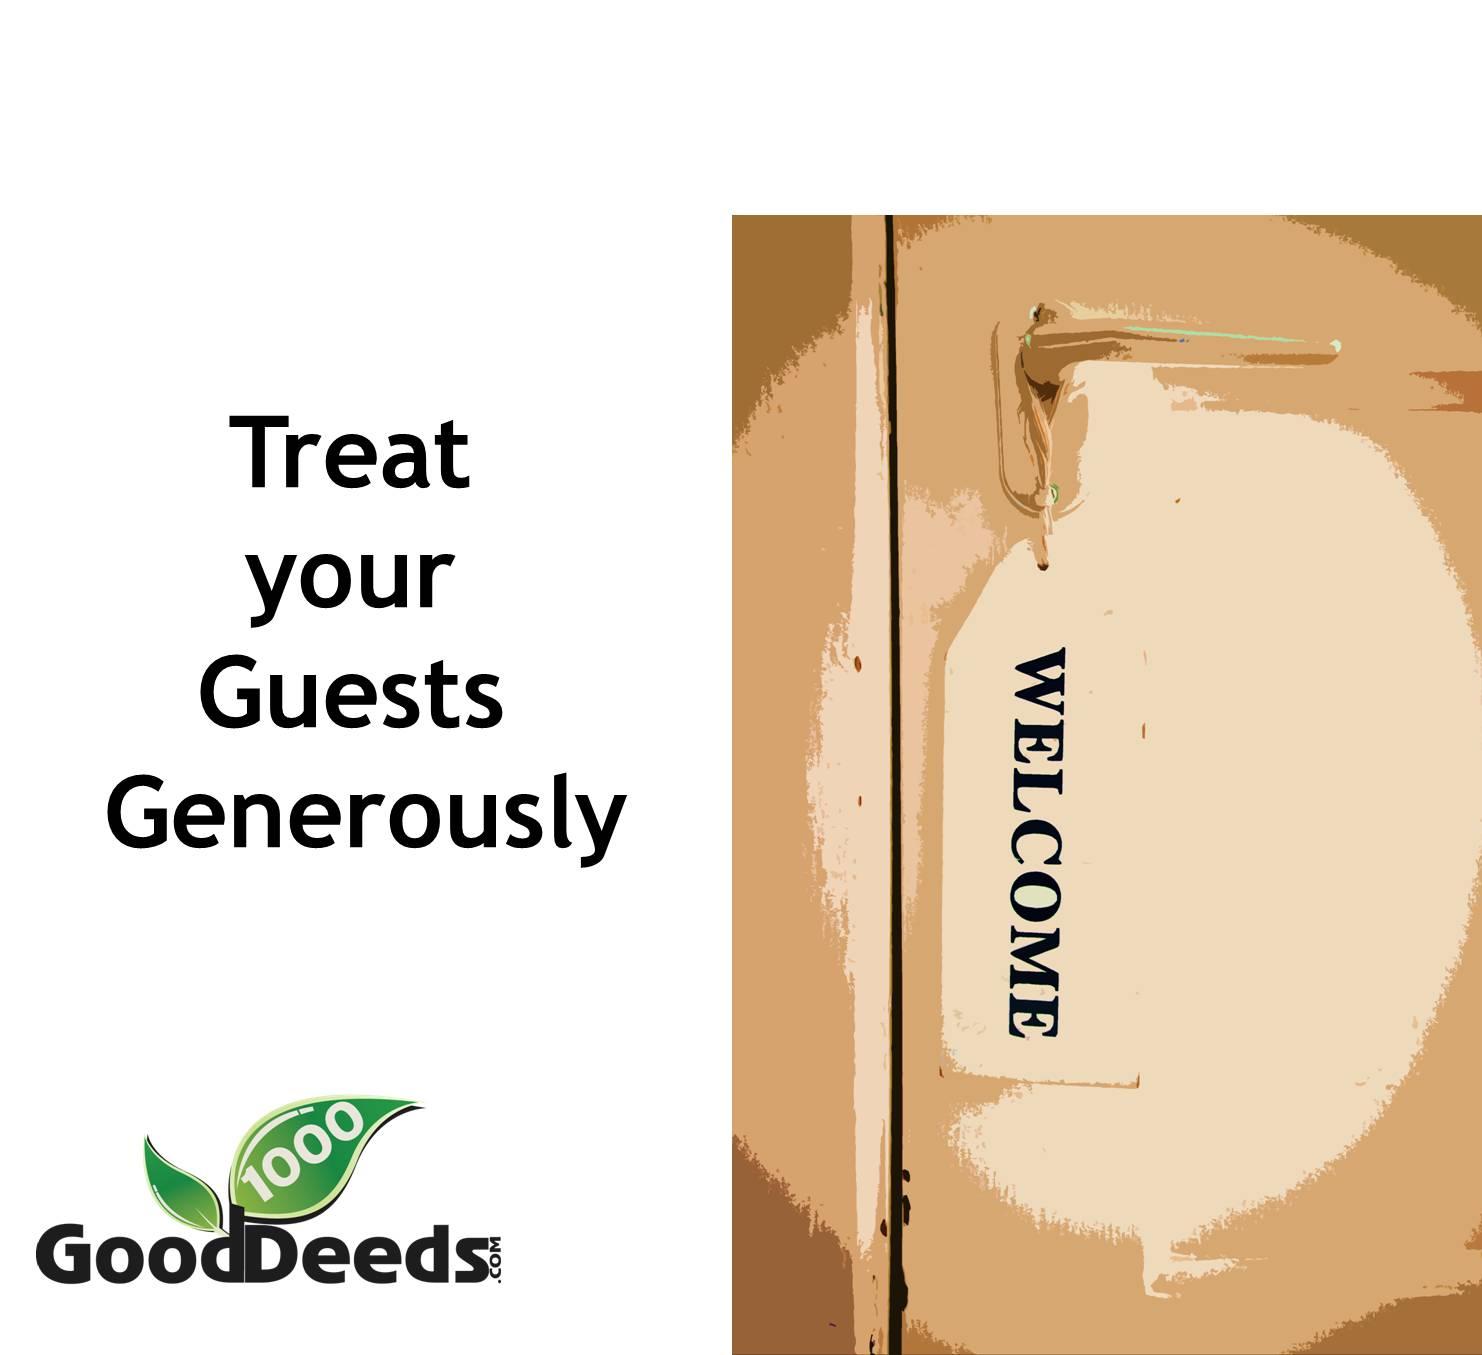 Good Deed 16 Honor Your Guests 1000 Good Deeds